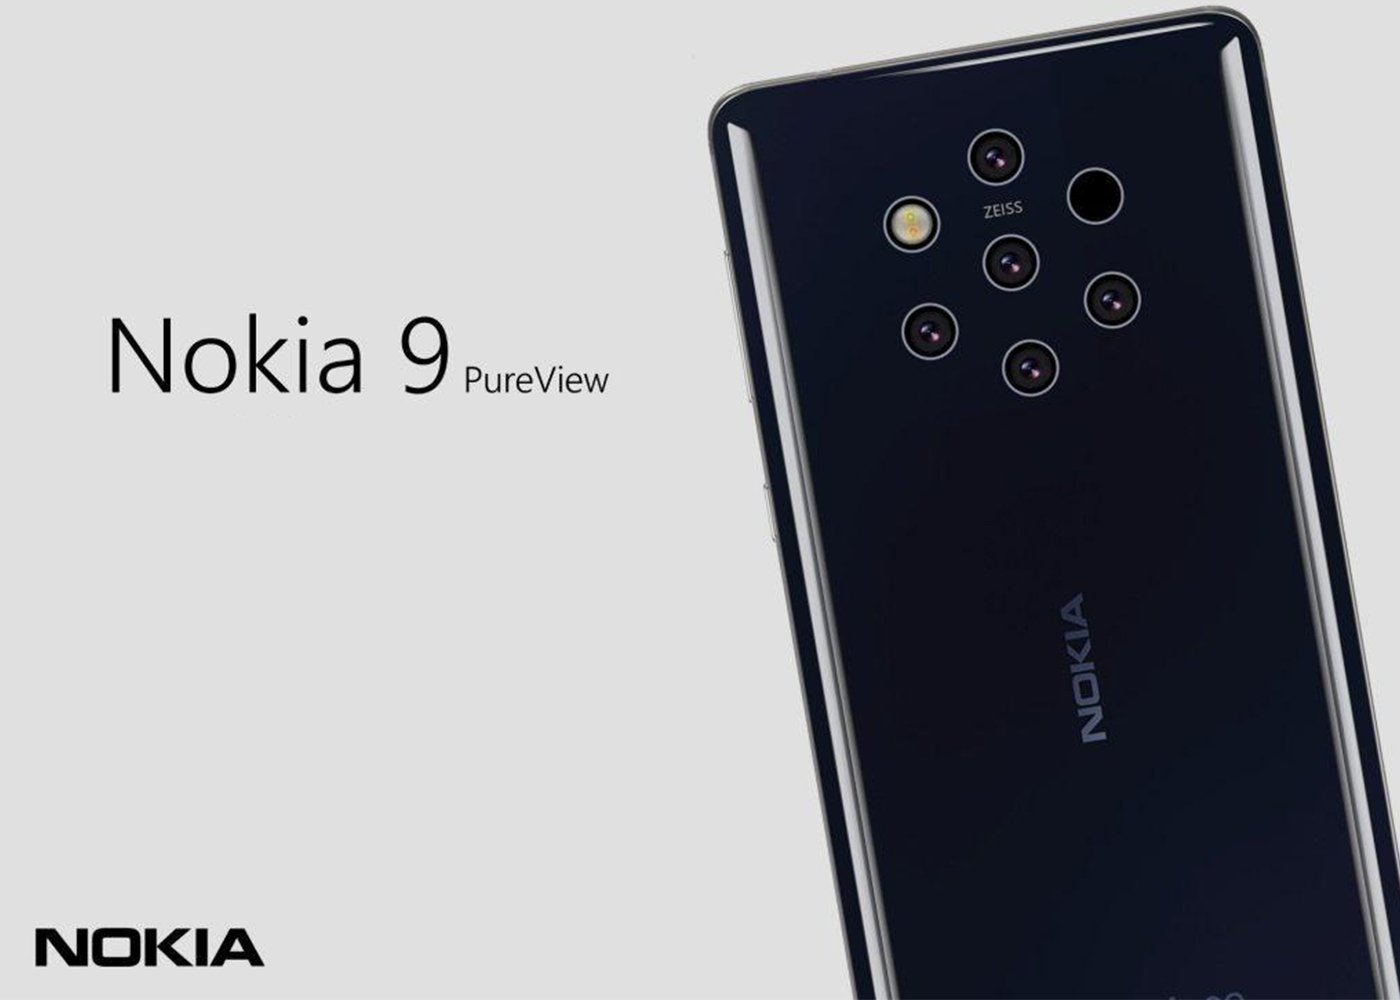 Filtrado el vídeo promocional del Nokia 9 PureView